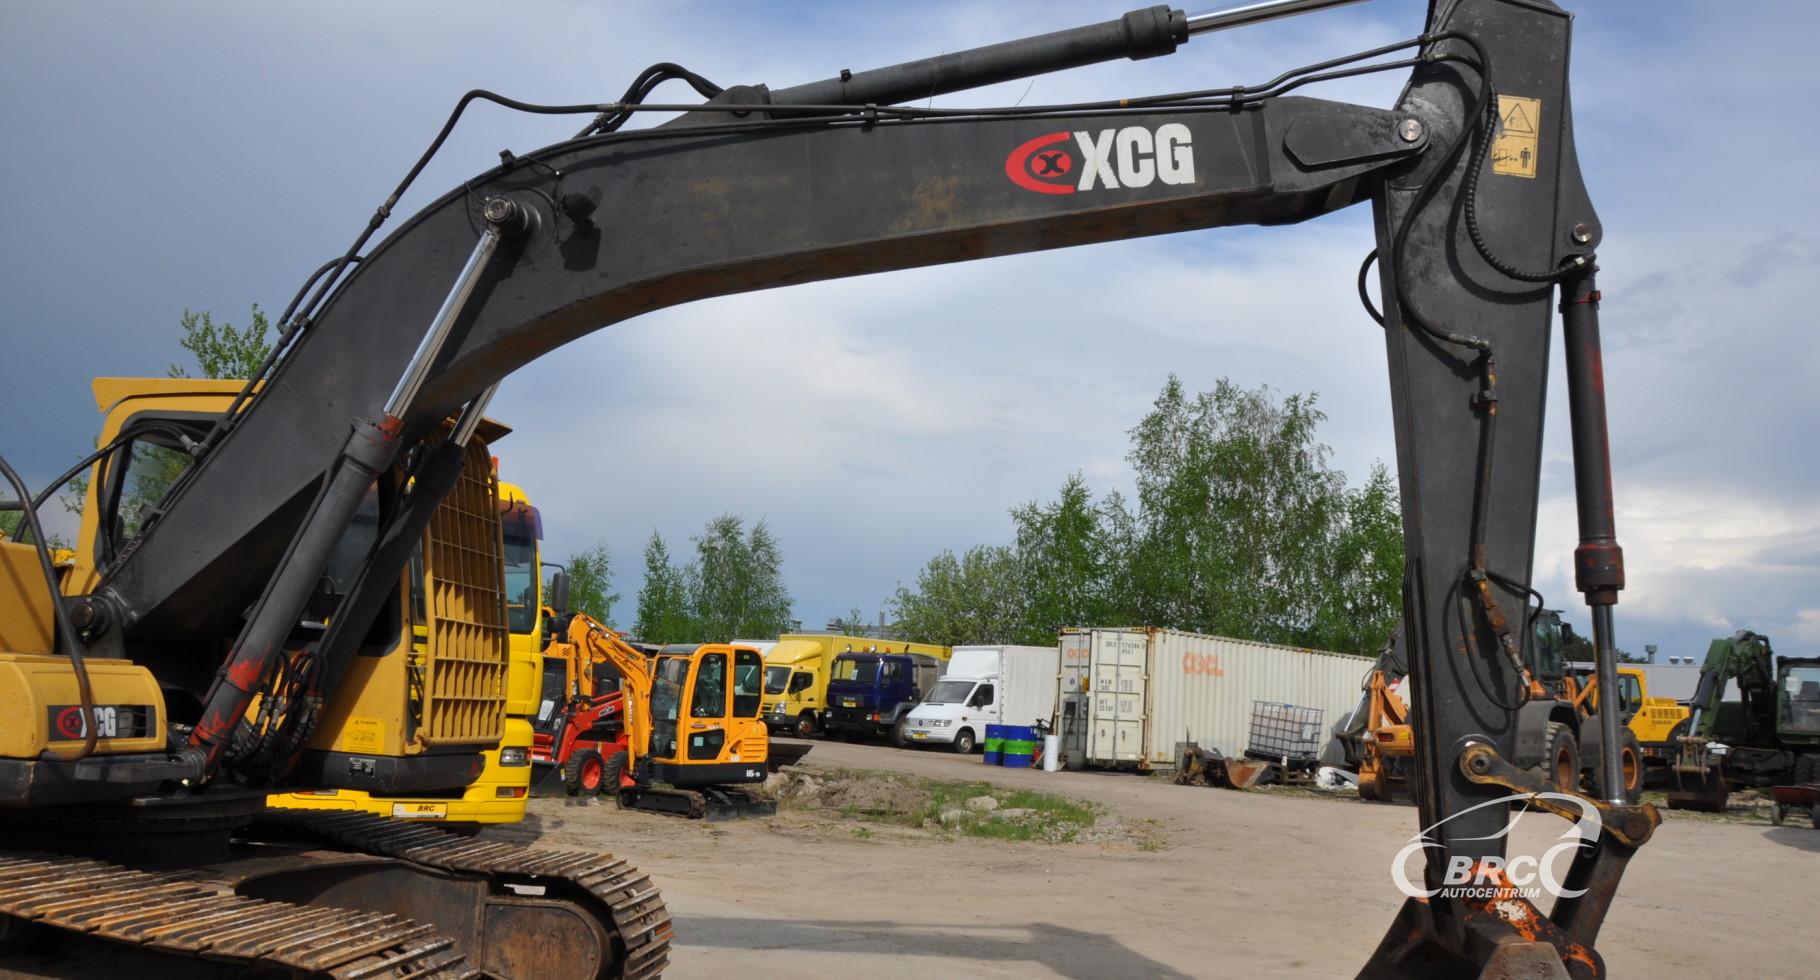 XCG 210LC-7E